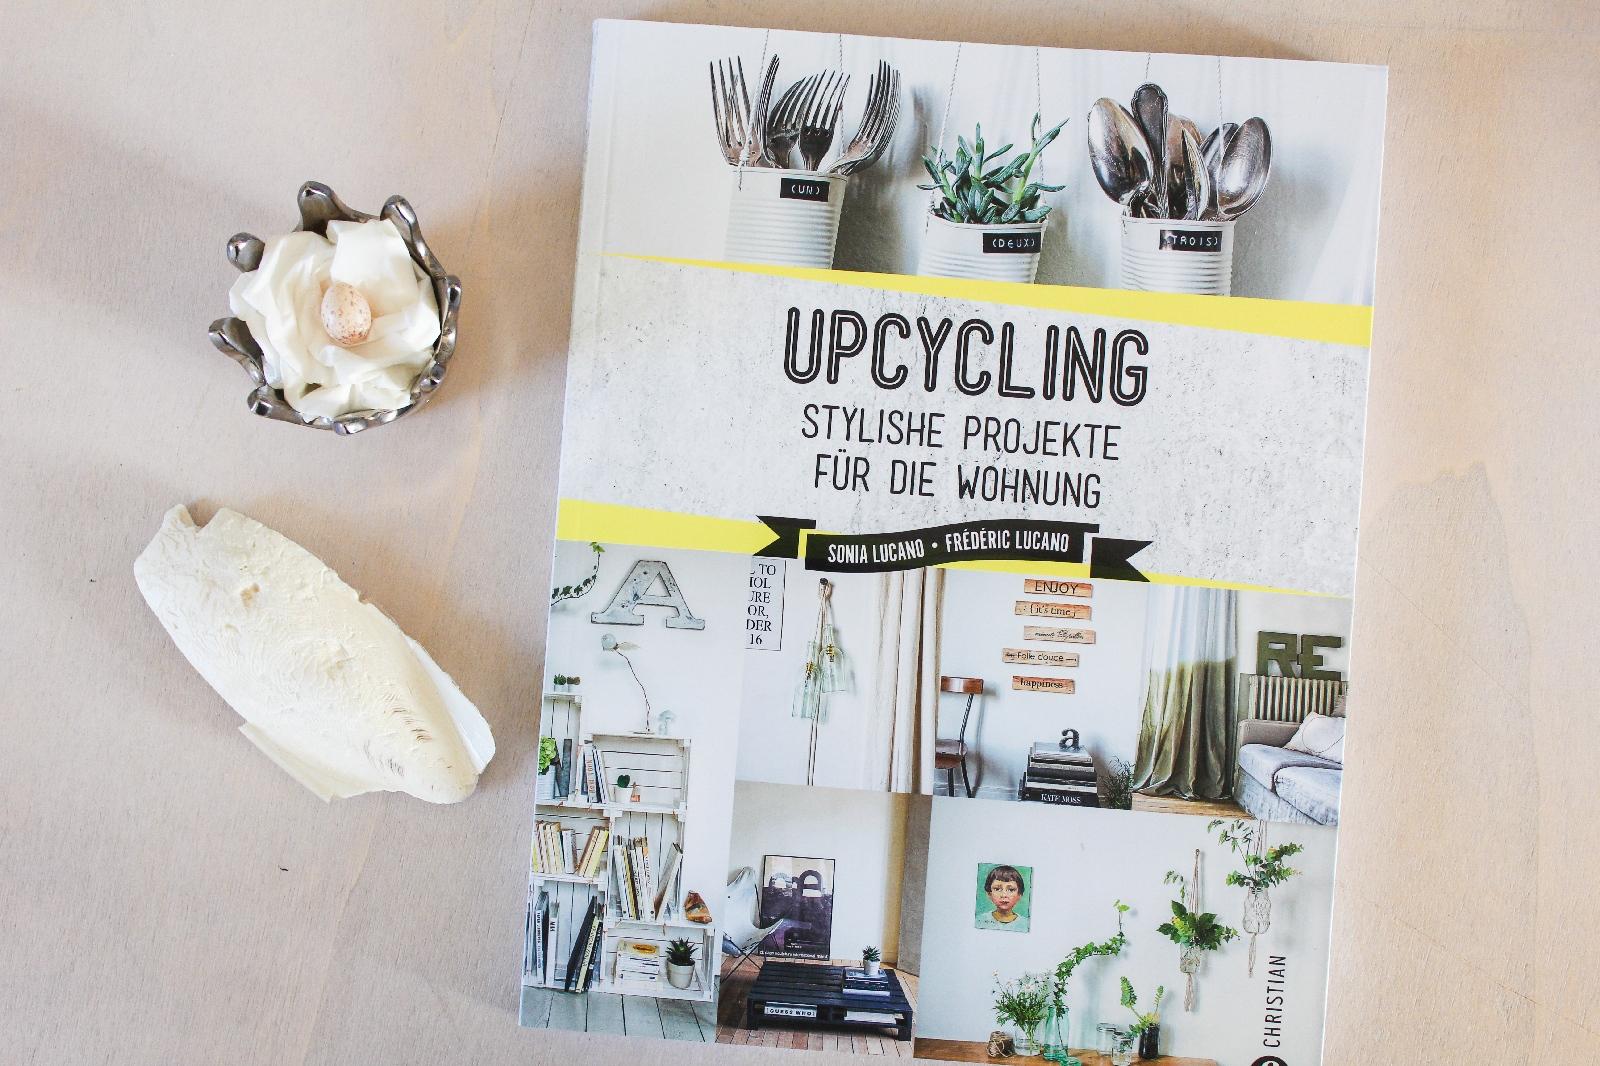 Upcycling Stylishe Projekte für die Wohnung